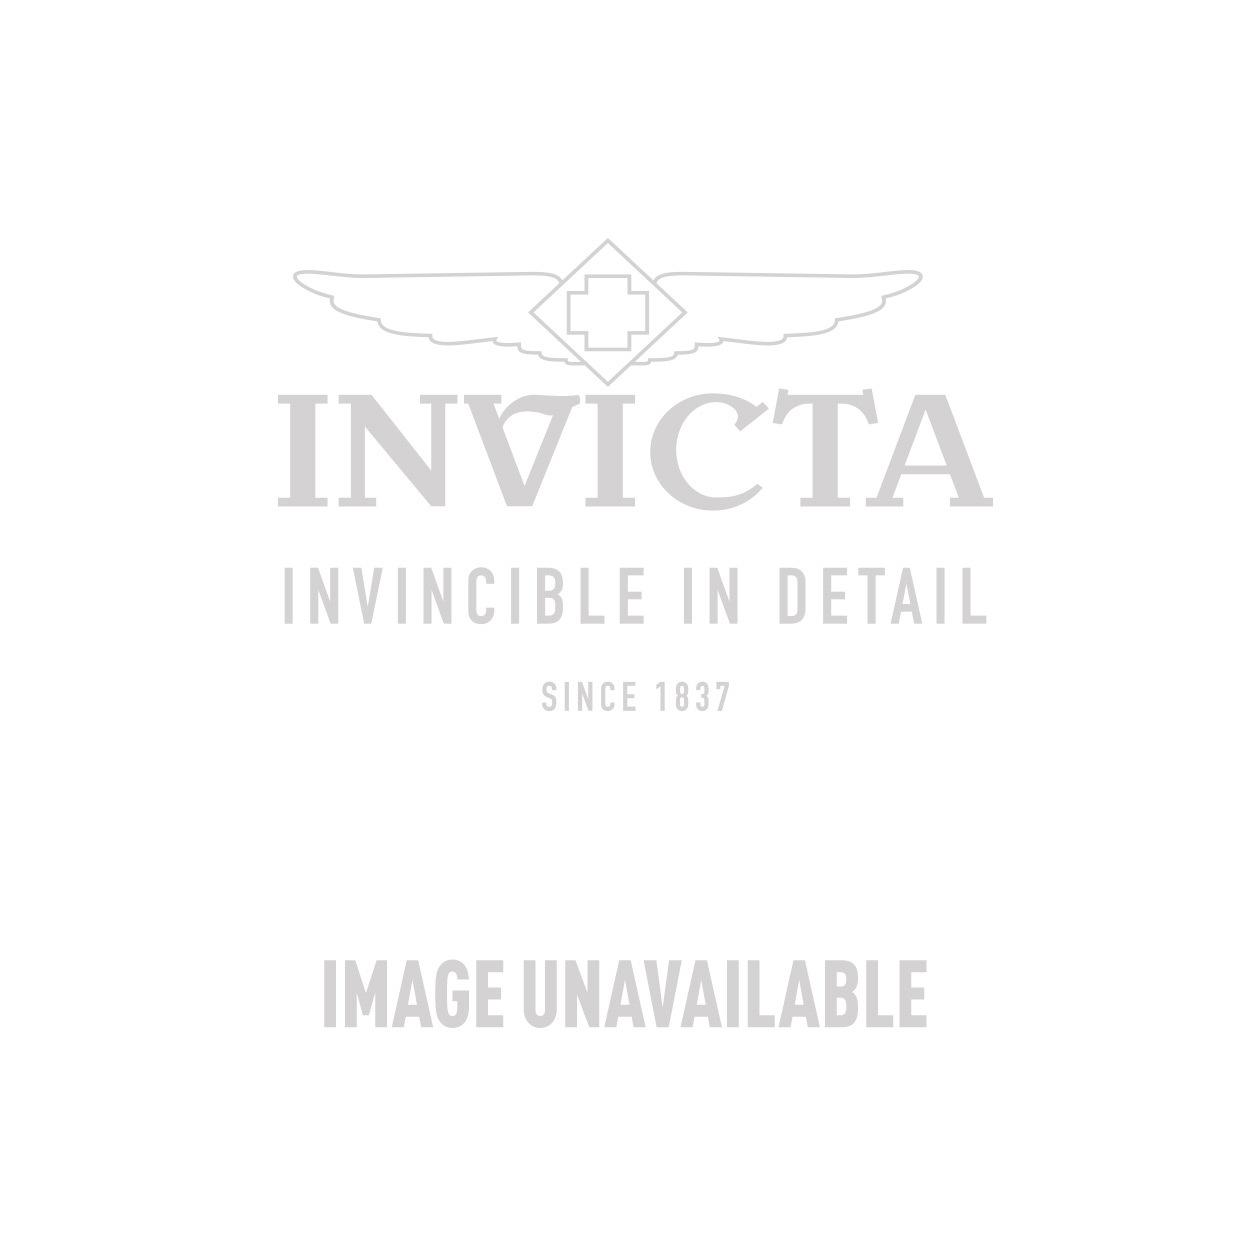 Invicta Model 28578